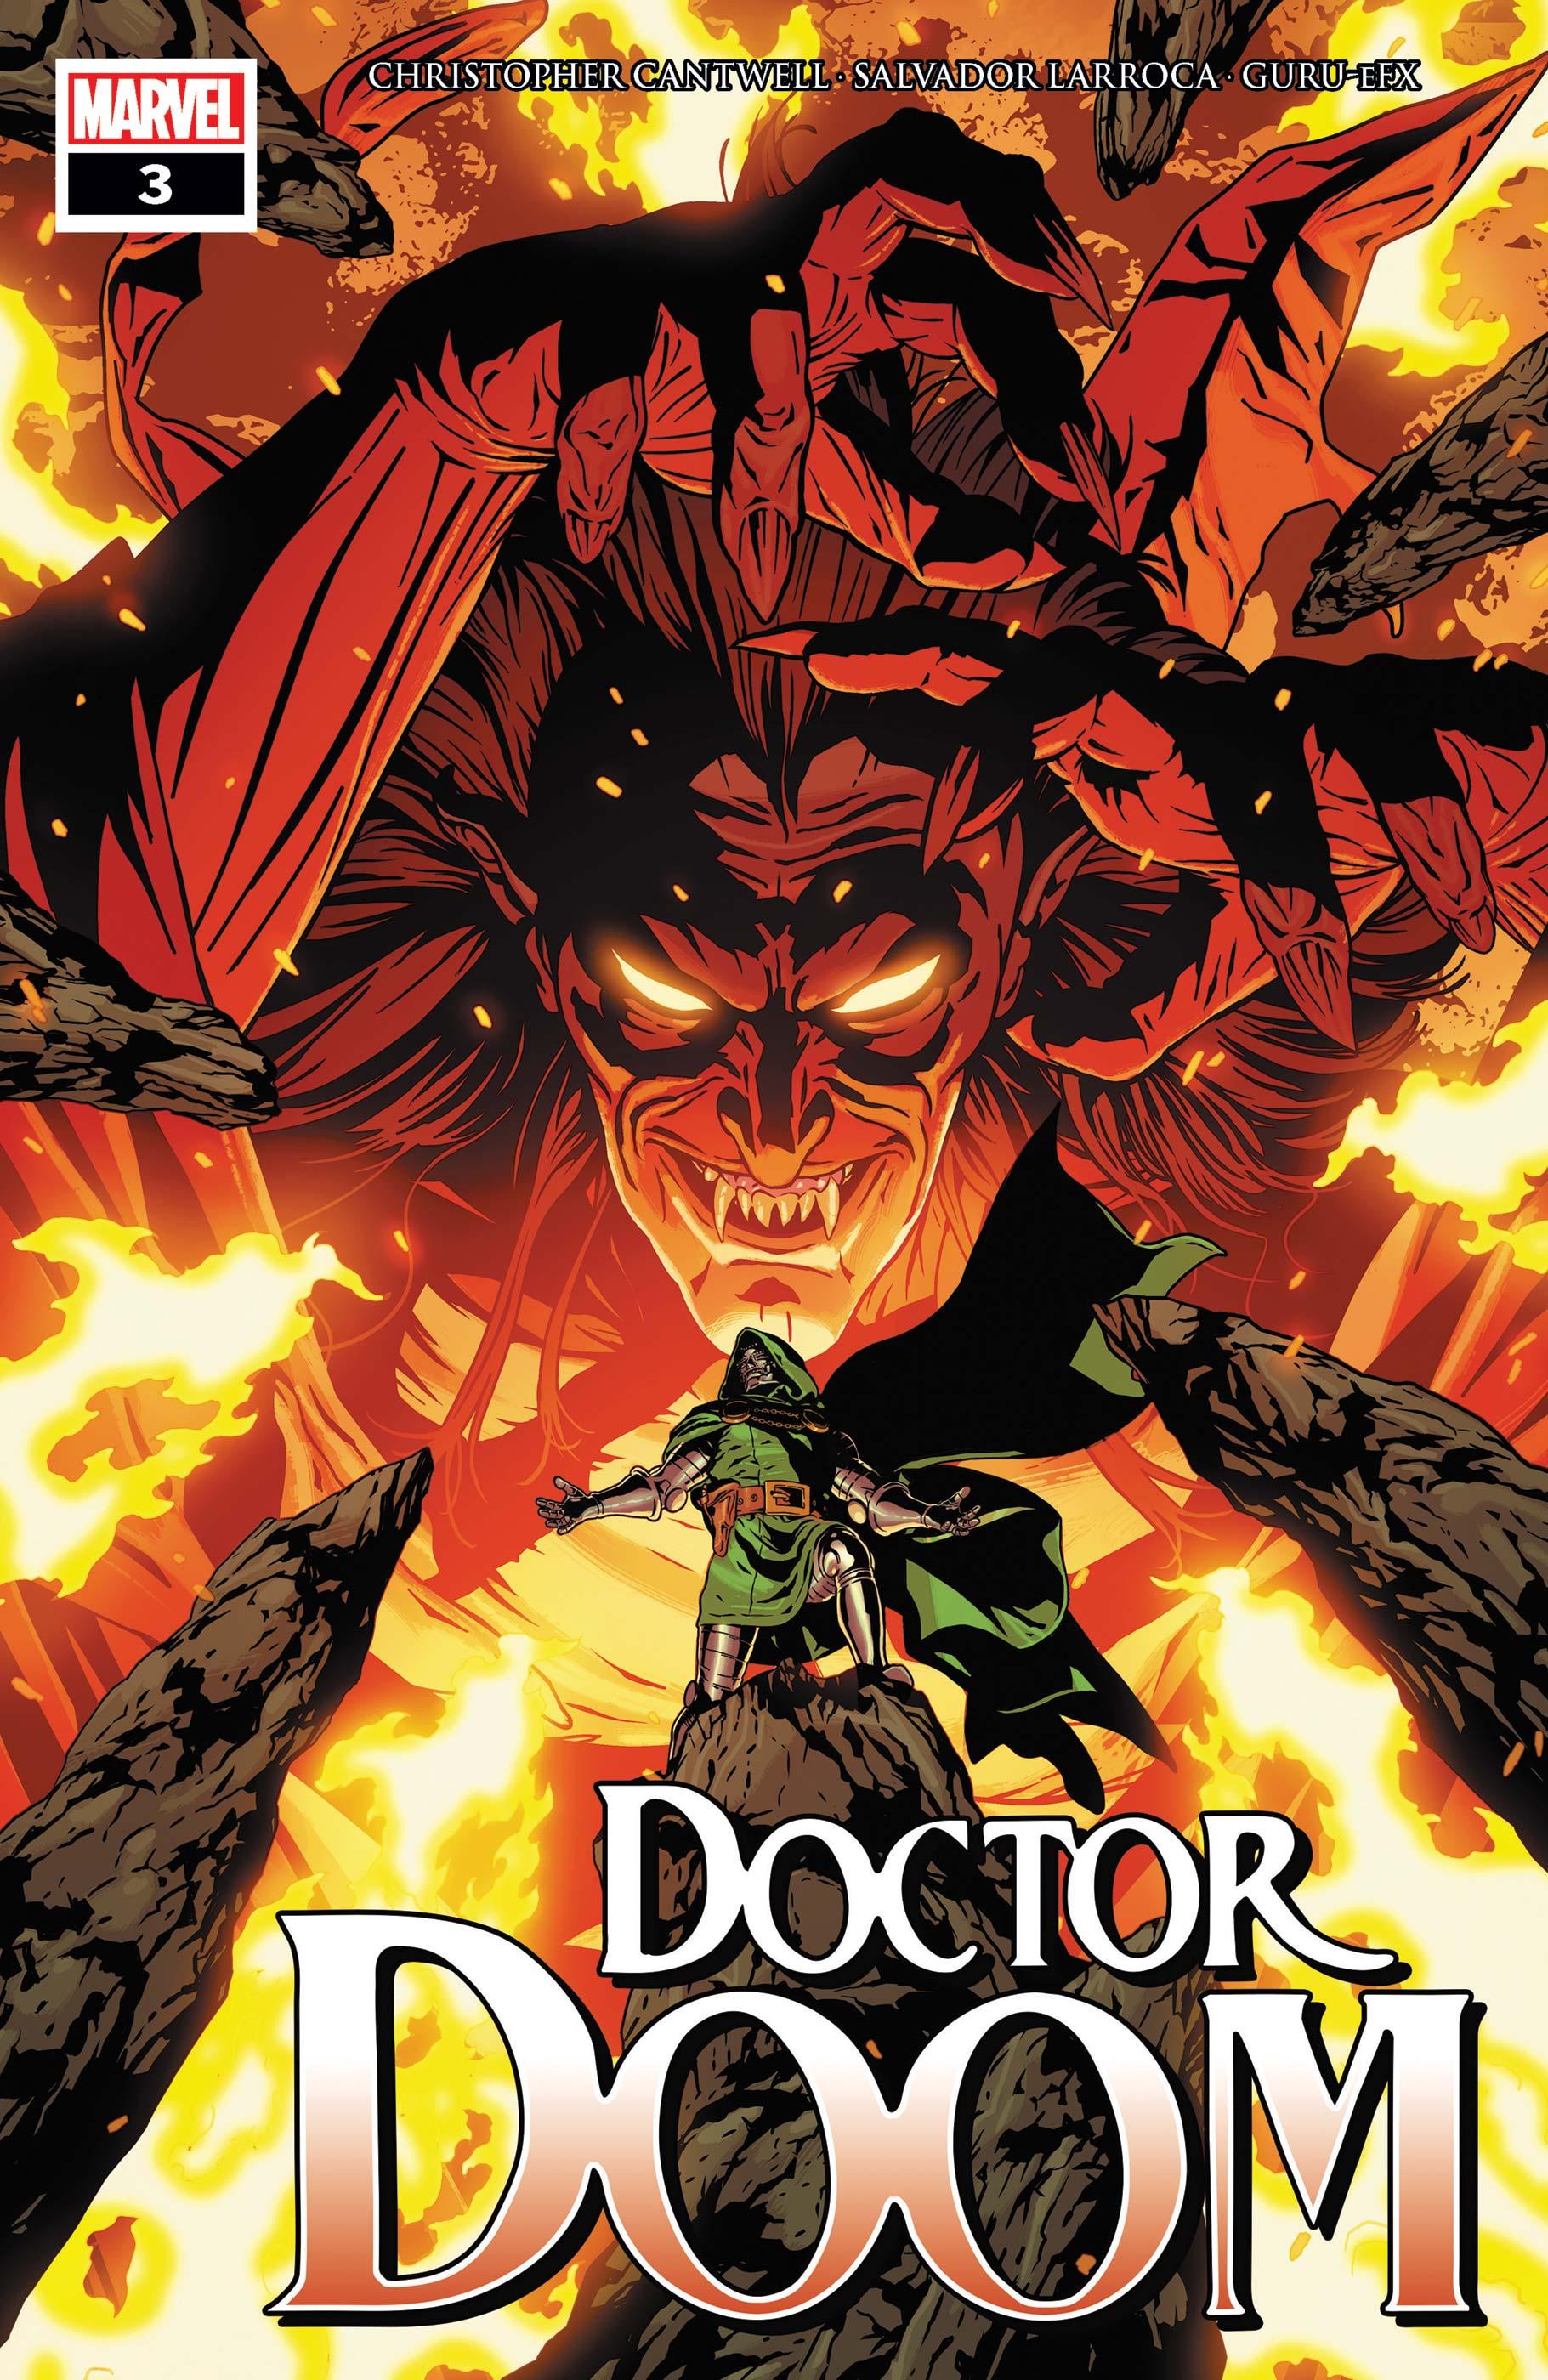 Doctor Doom (2019) #3